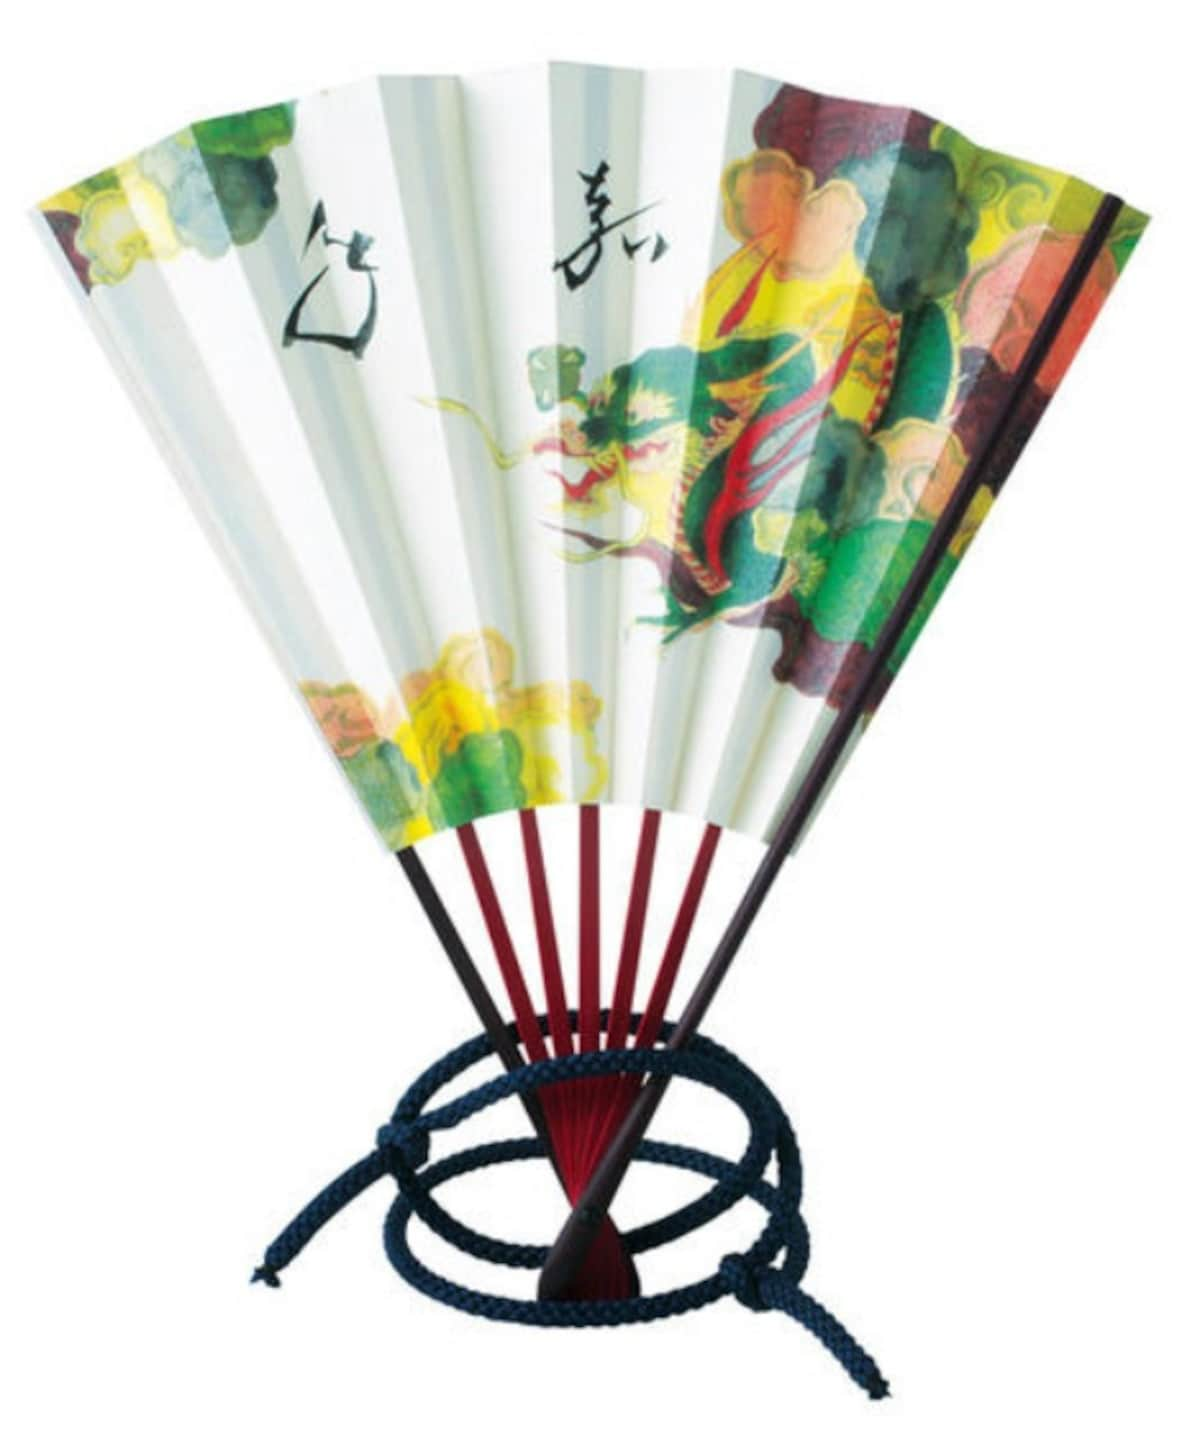 1. ซากาตะ บุนสึเกะ โชเท็น